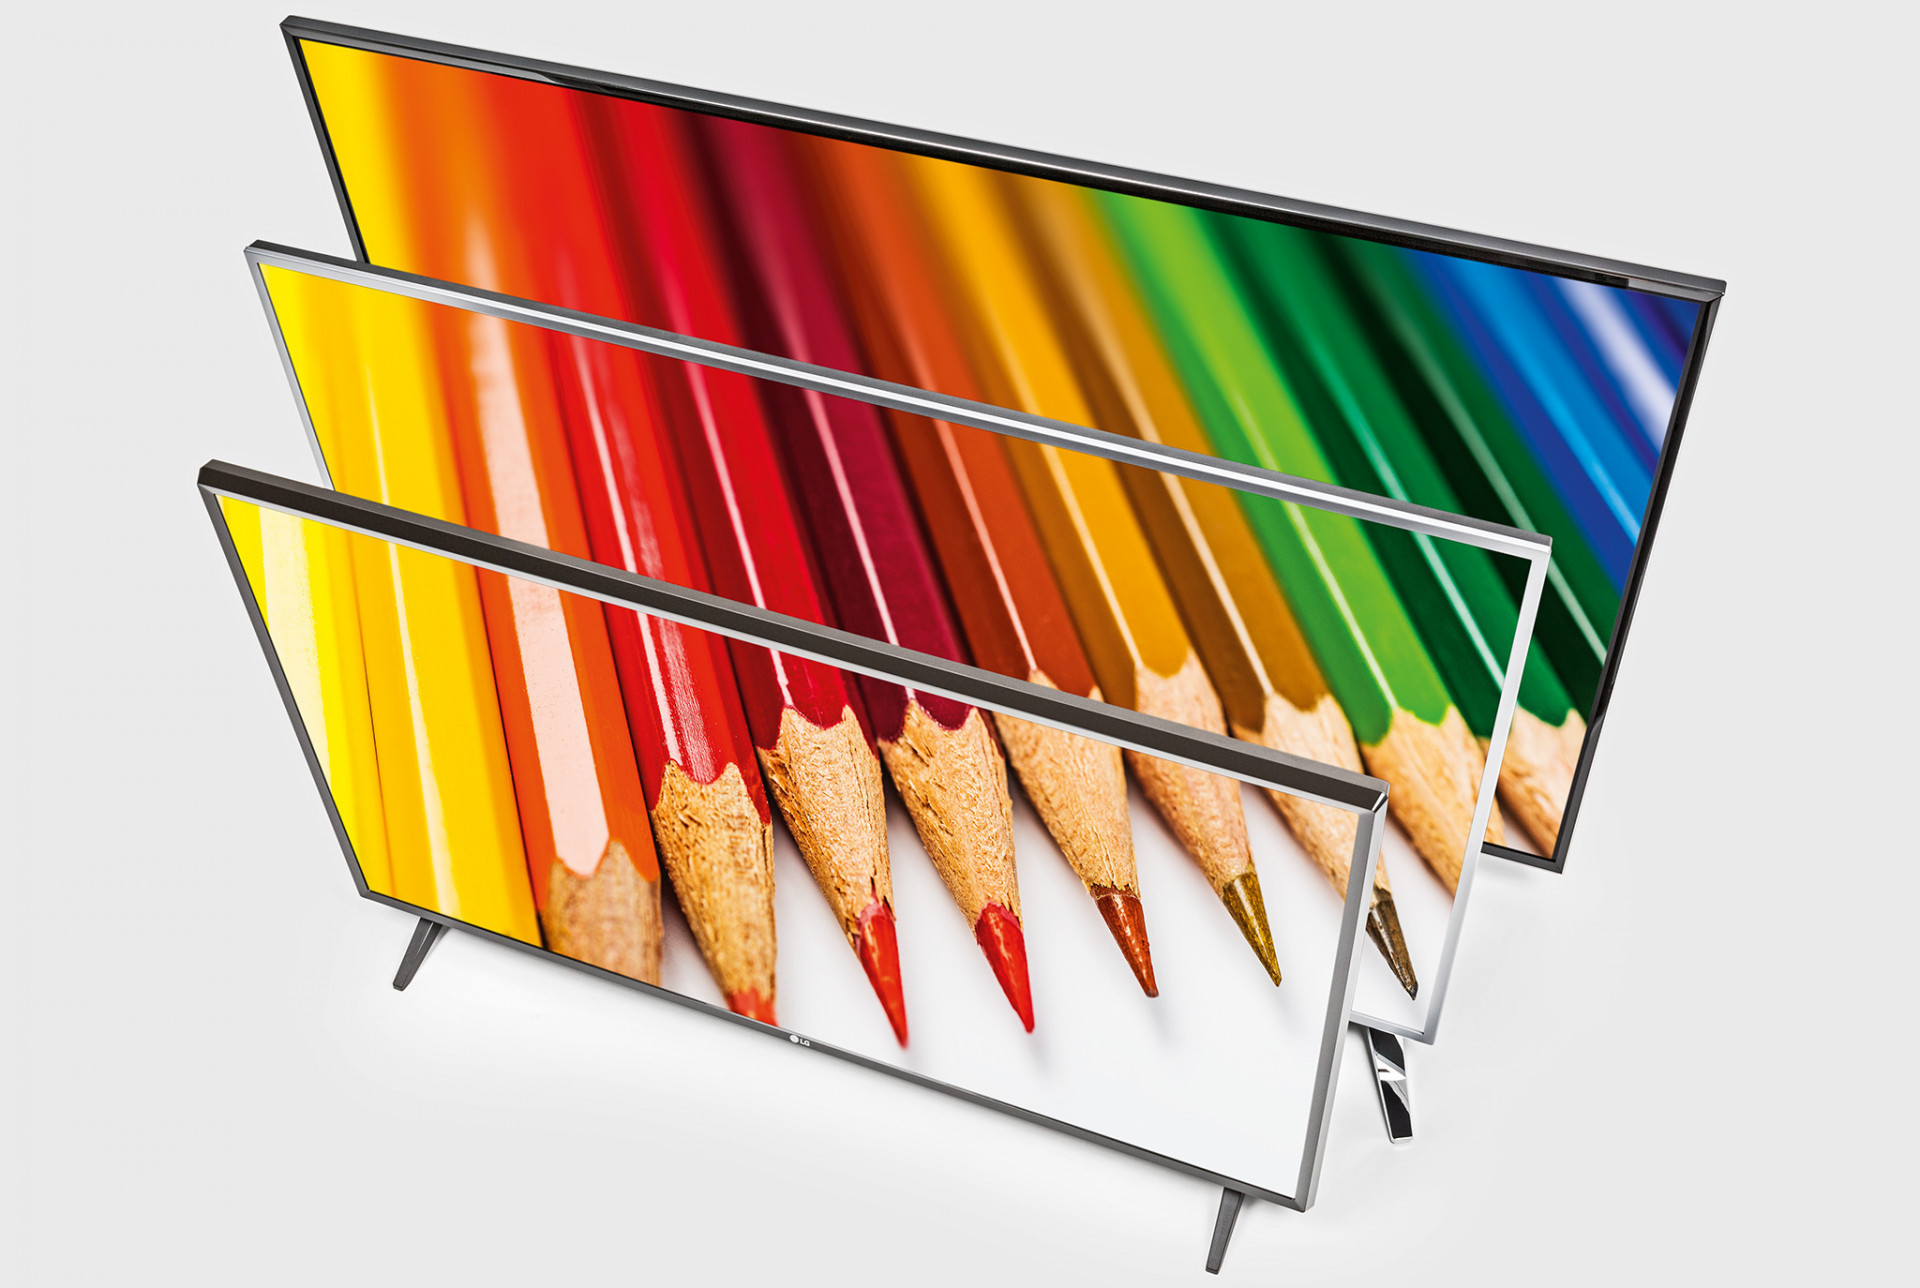 g nstige fernseher im test darauf sollten sie beim kauf. Black Bedroom Furniture Sets. Home Design Ideas